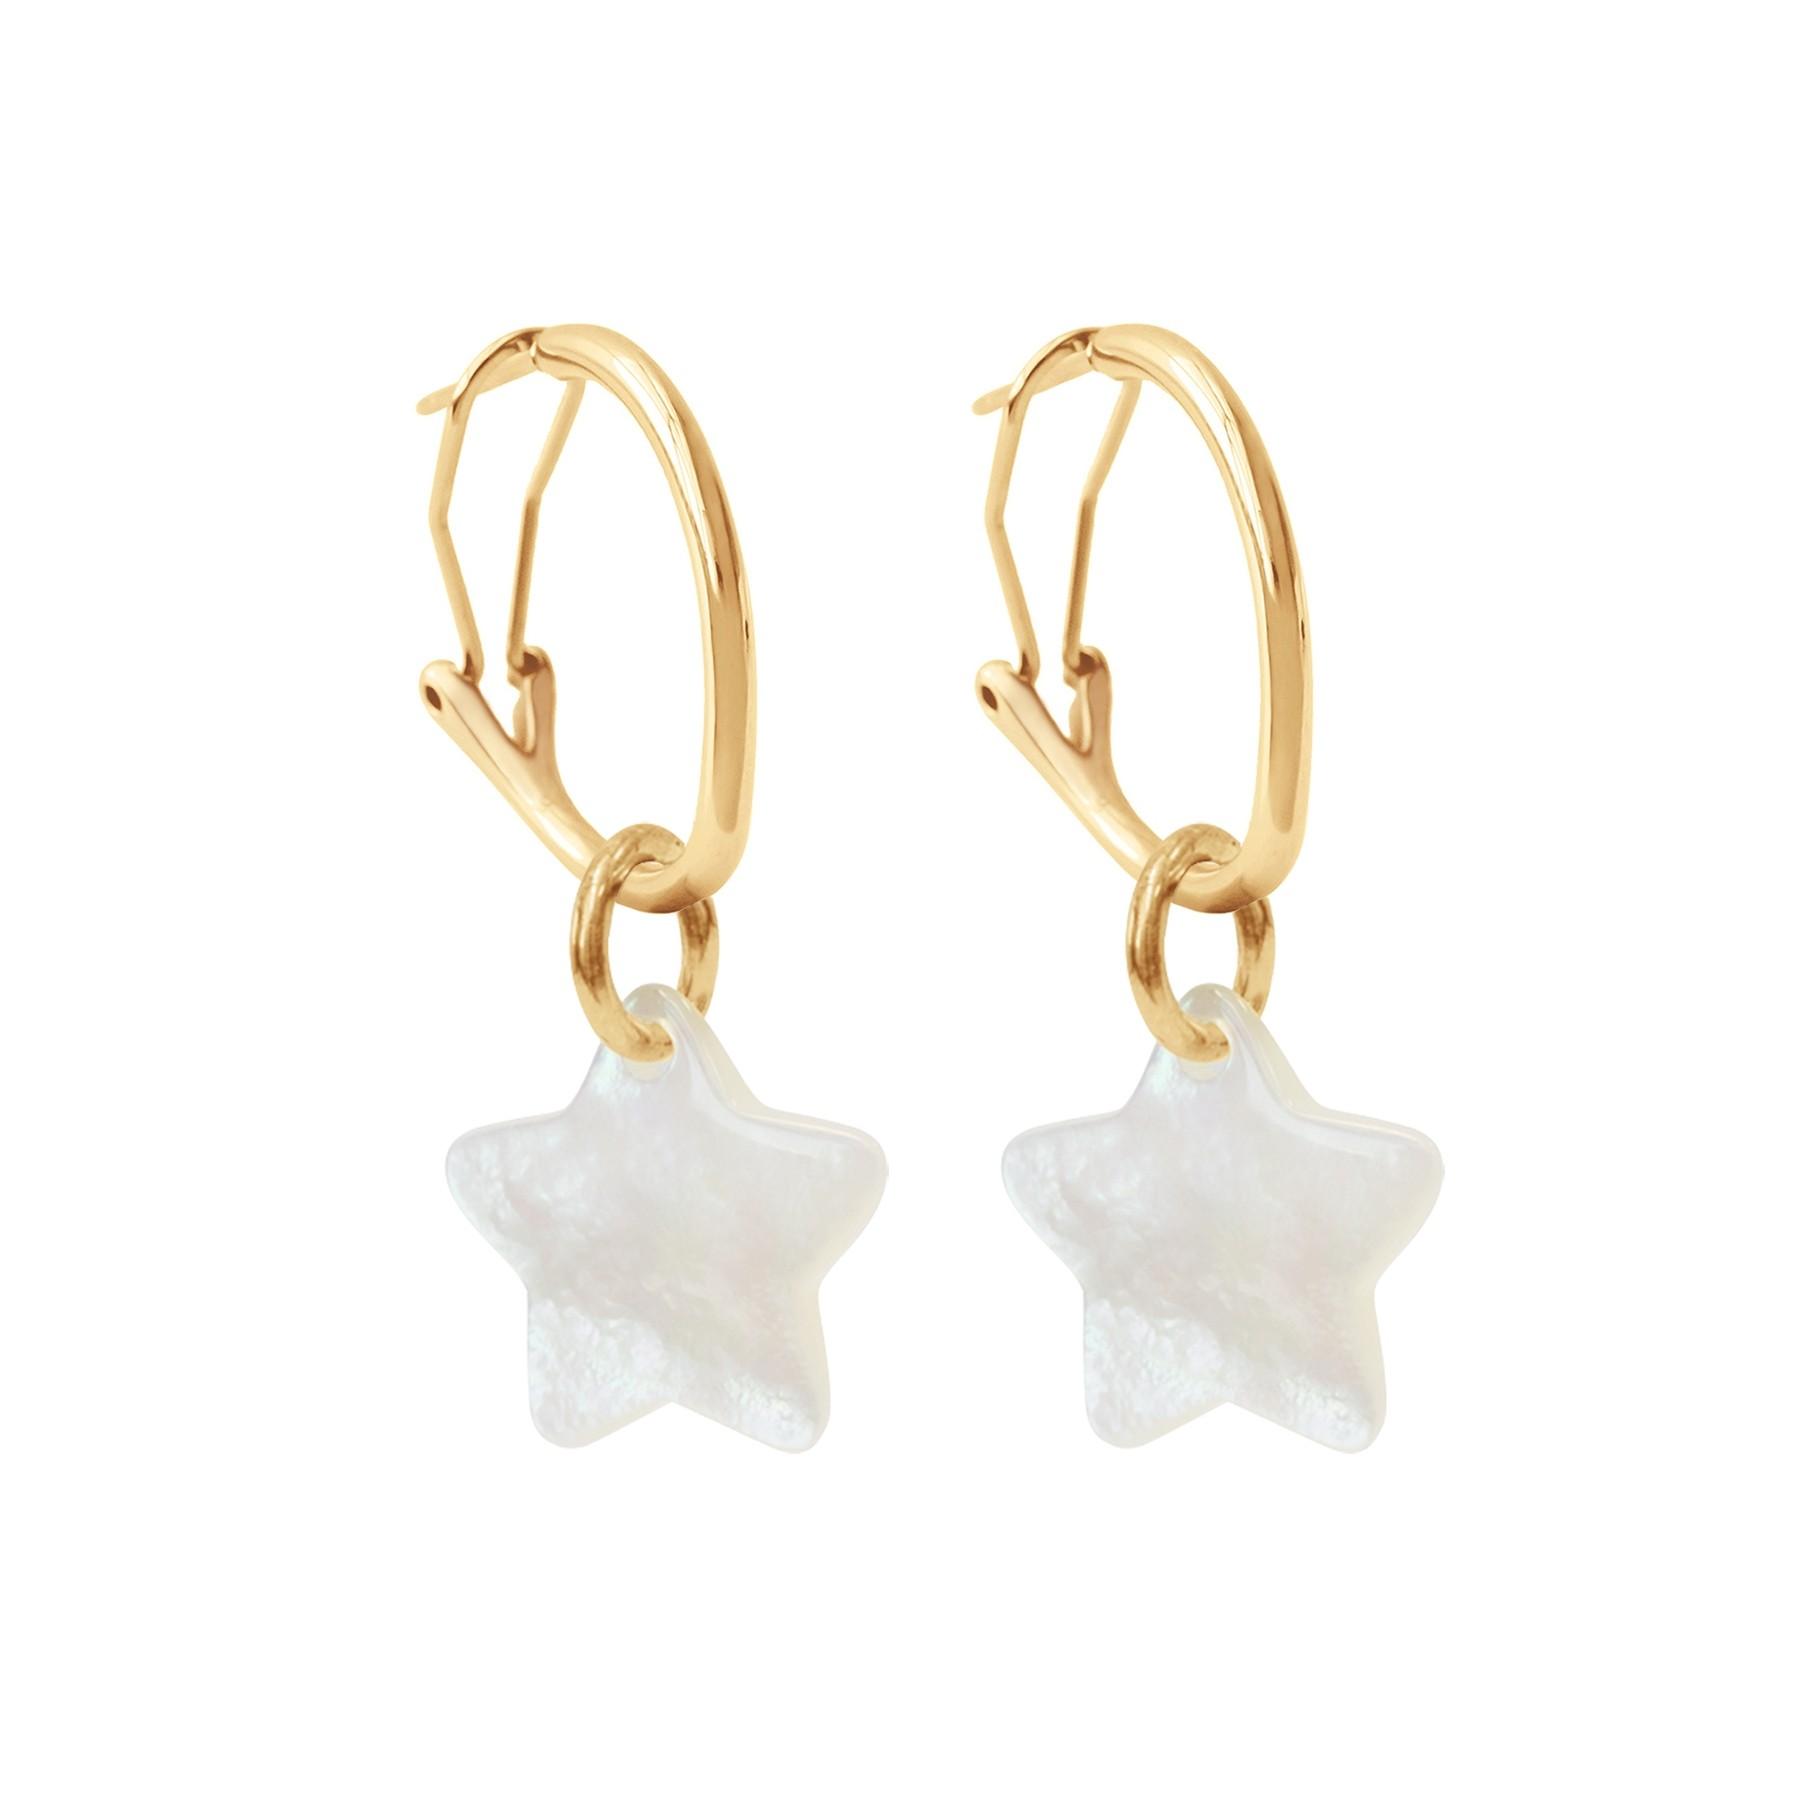 Boucles d'oreilles créoles 2 cm avec étoiles, plaqué or/nacre